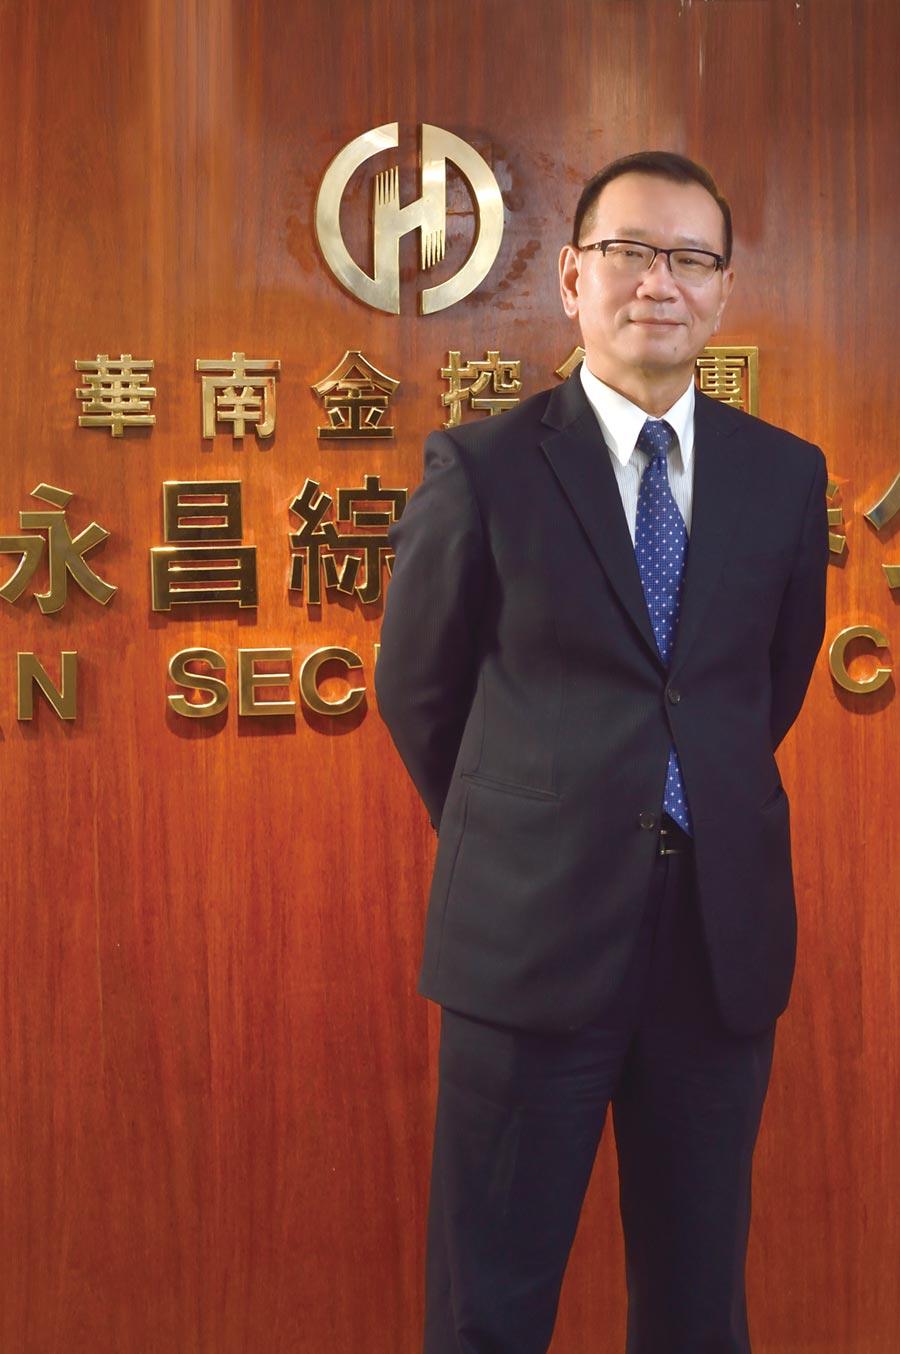 華南永昌證券總經理陳錦峰